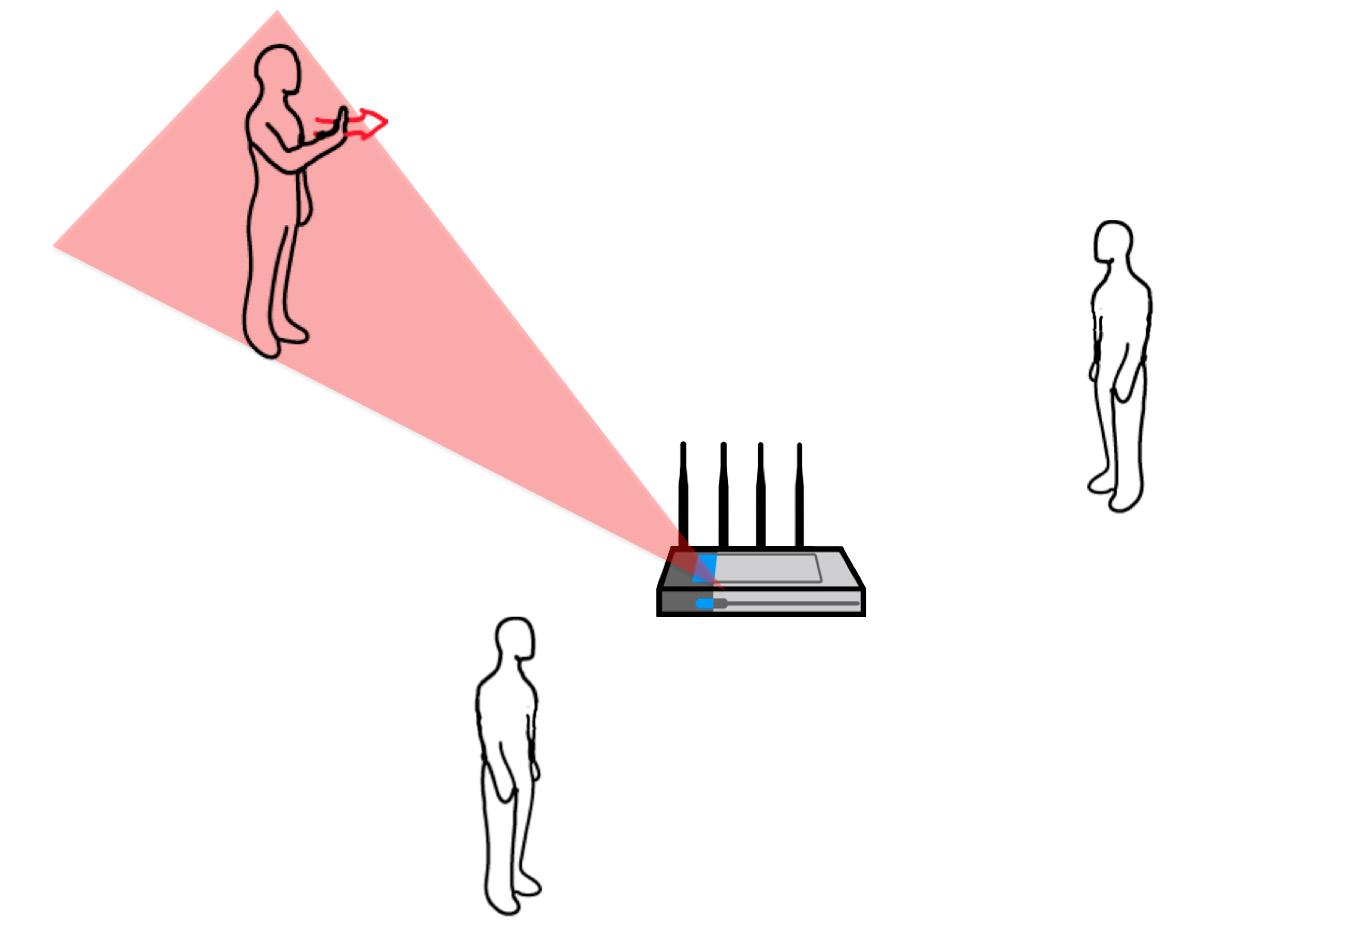 La reconnaissance des gestes par Wi-Fi